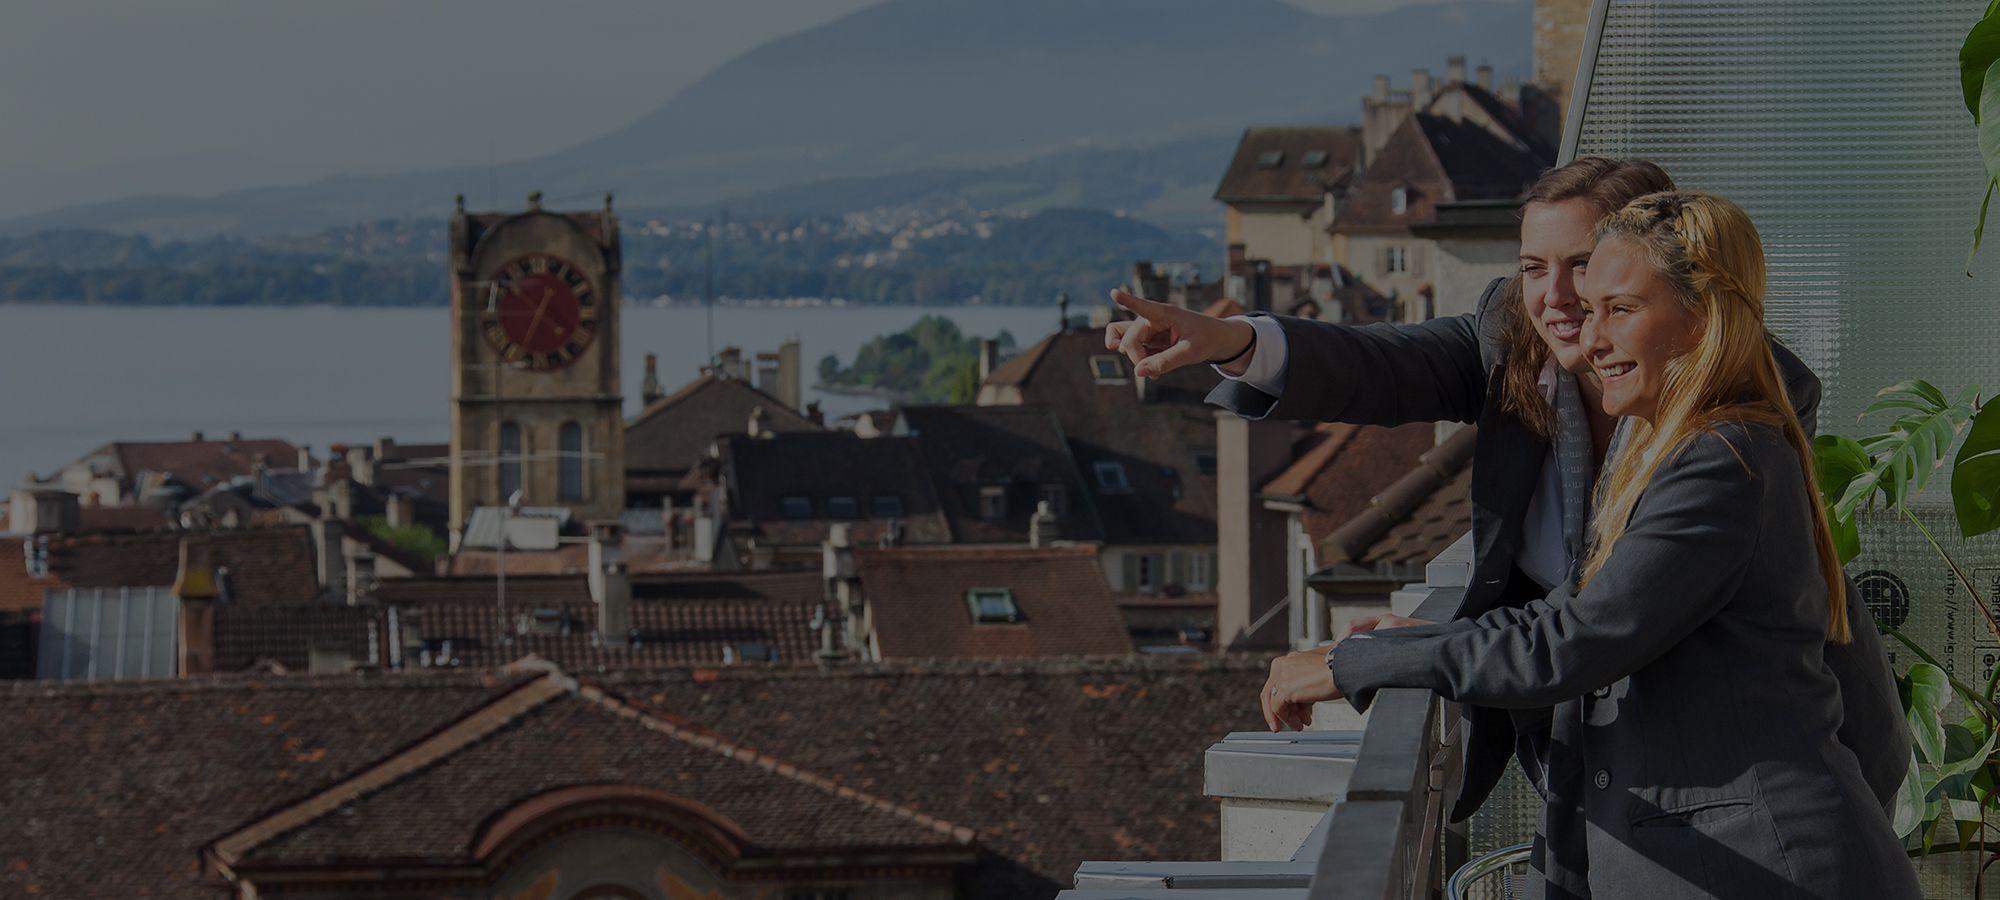 День зарубежного образования во Львове «Швейцарский диплом и практика в Европе» . Фото - 3